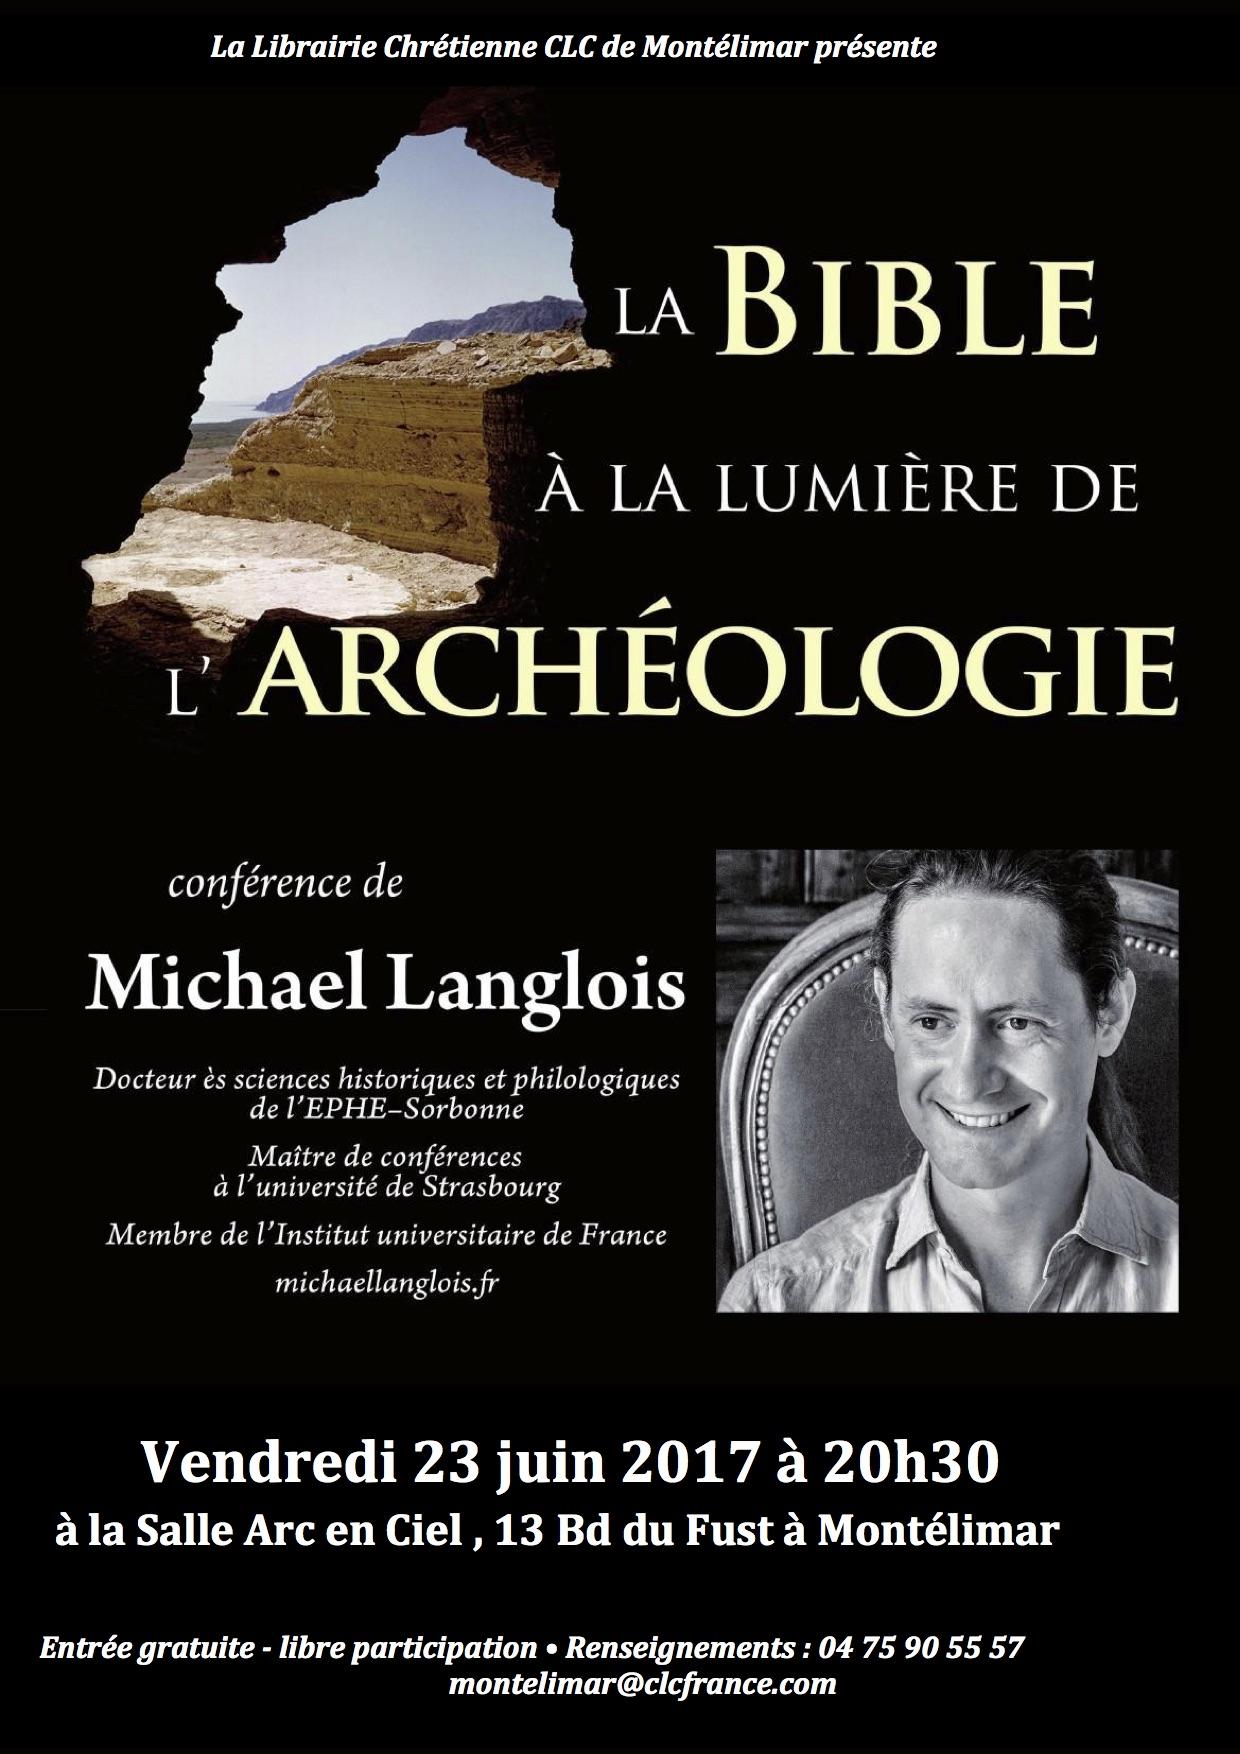 Conférence Michael Langlois La Bible à la lumière de l'archéologie 23 juin 2017 20h30 Montélimar